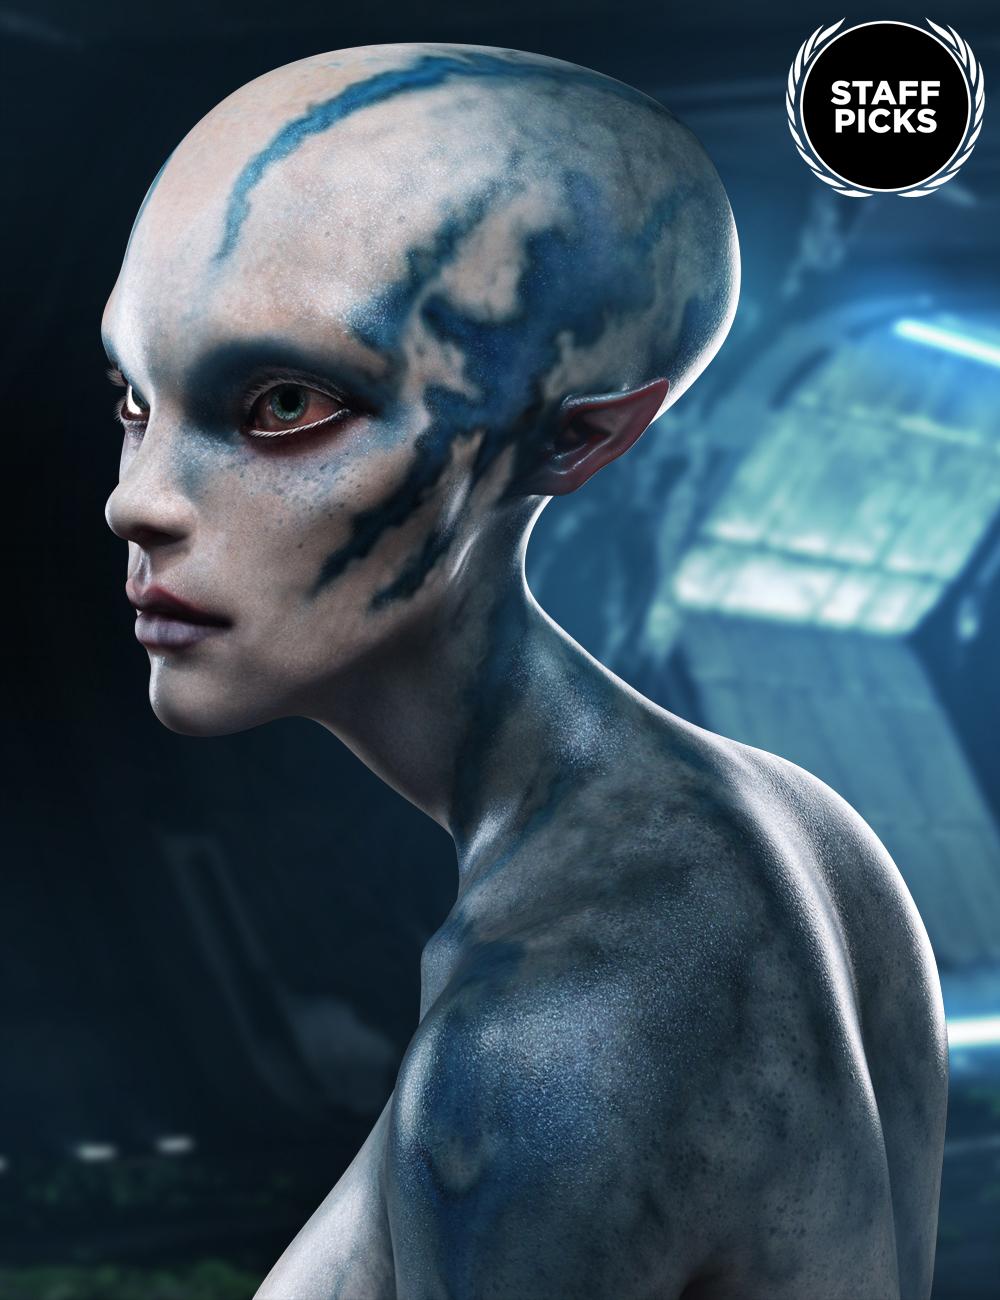 Nenana Alien HD for Genesis 8 Female by: , 3D Models by Daz 3D